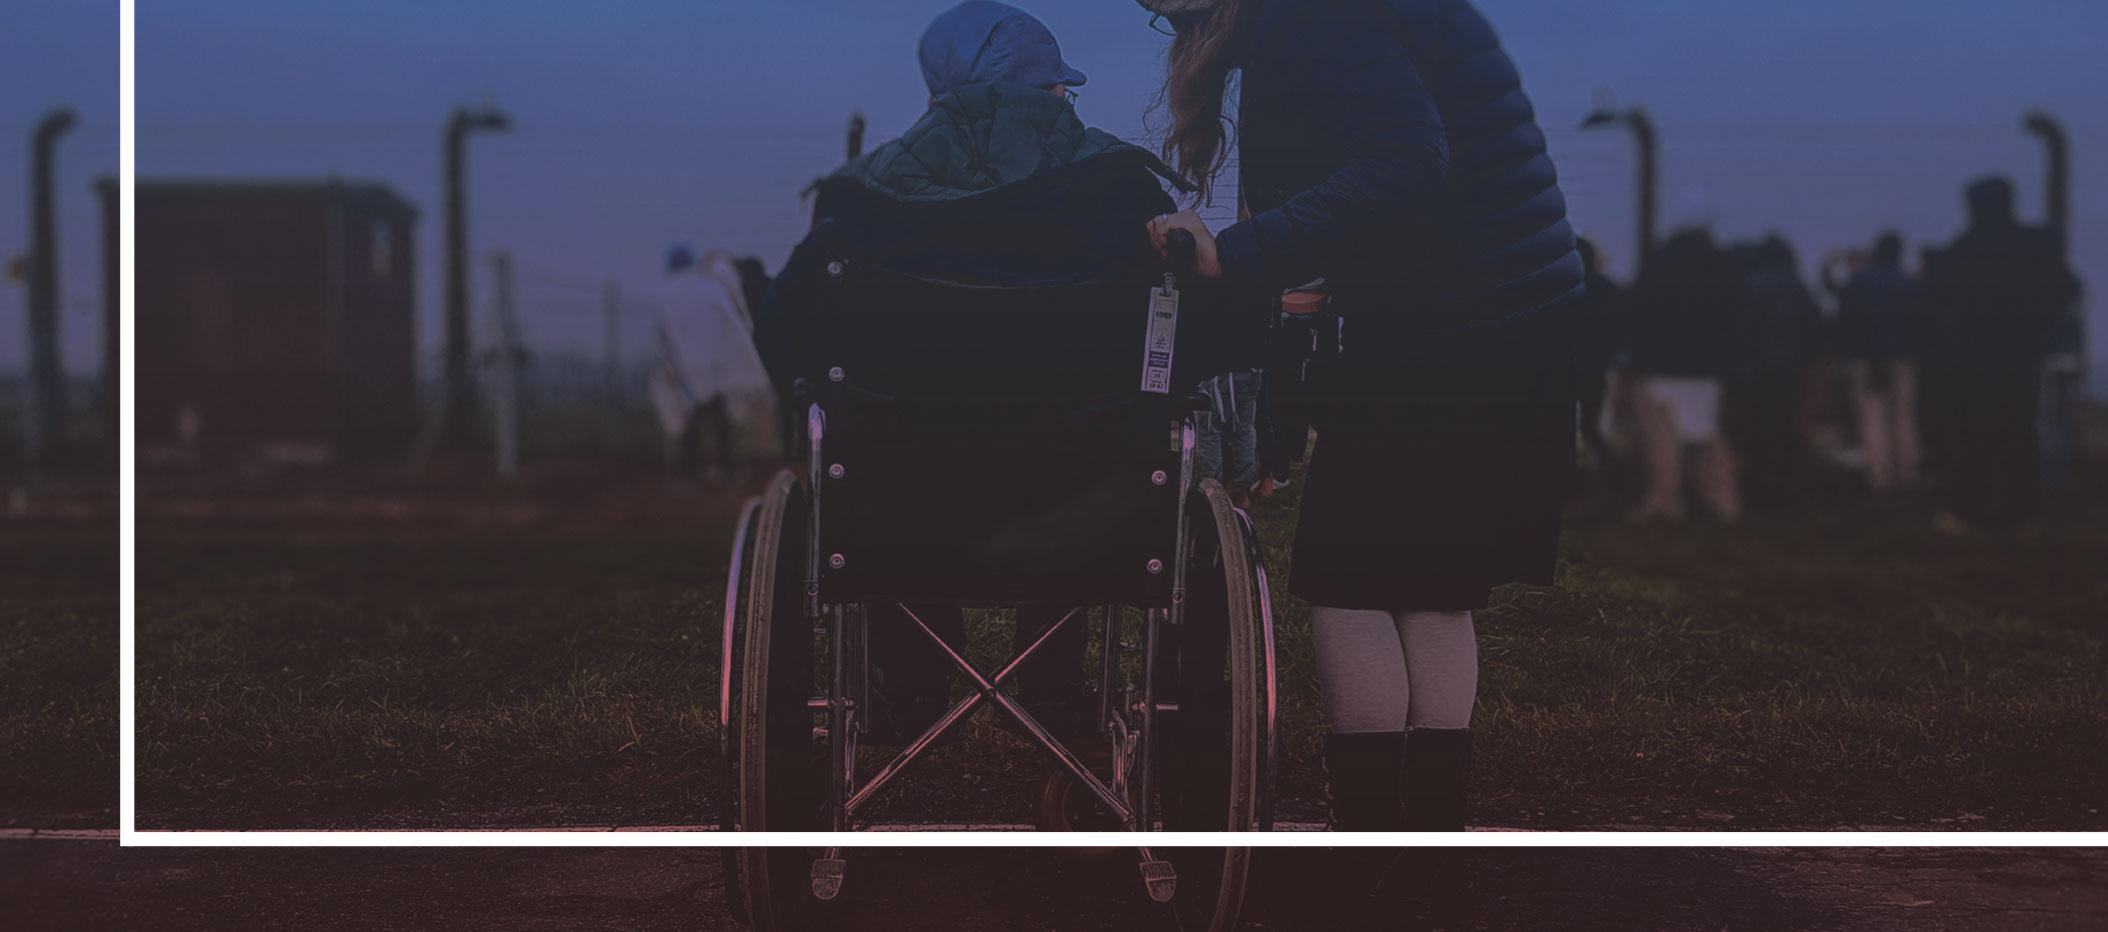 fiche 5 - personne en fauteuil roulant - situation de handicap